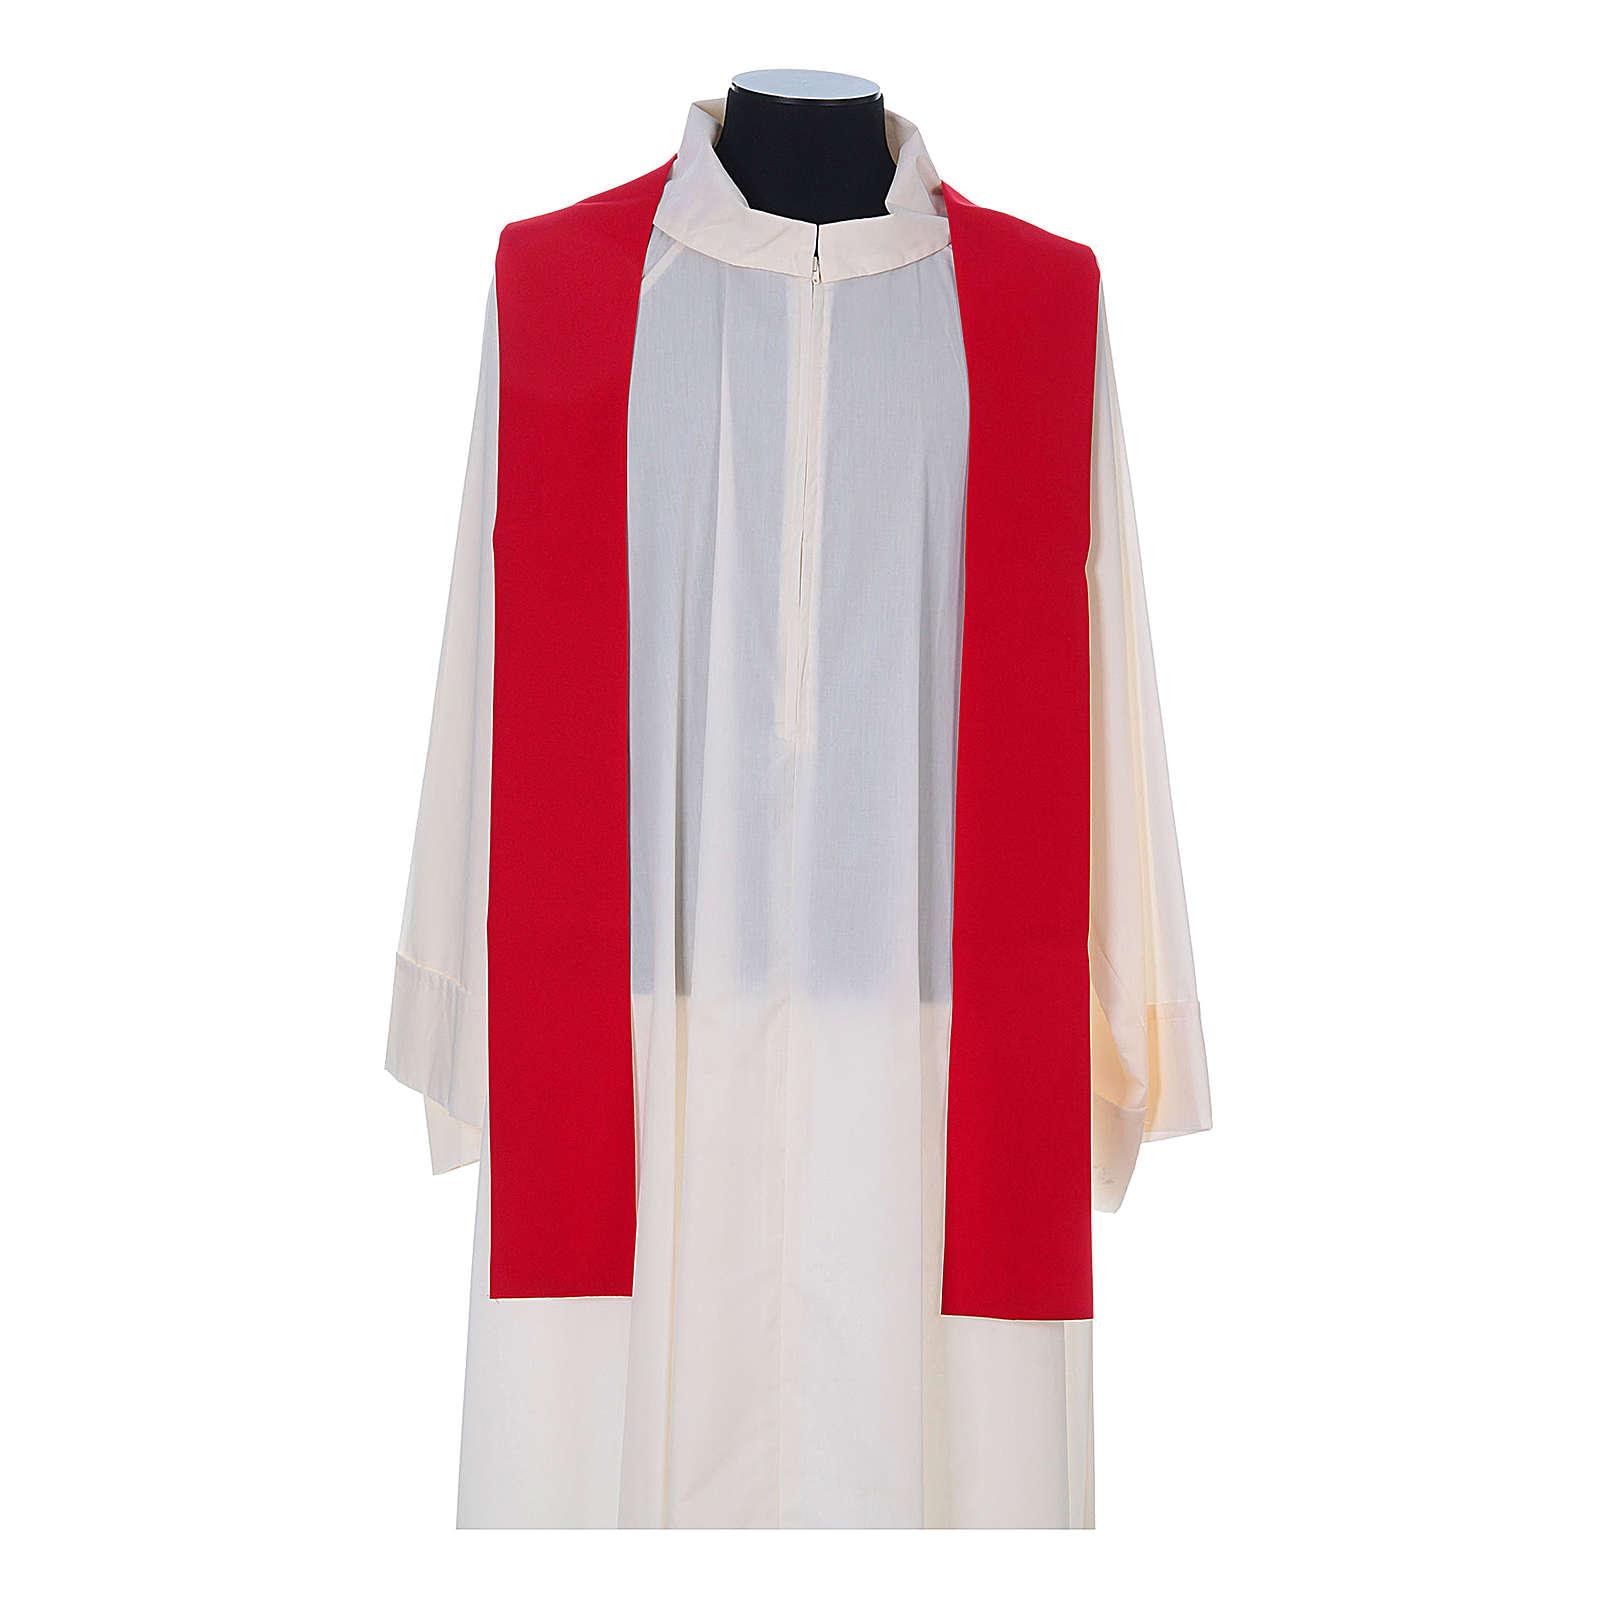 Casulla sacerdotal 100% poliéster con espigas cruz uva 4